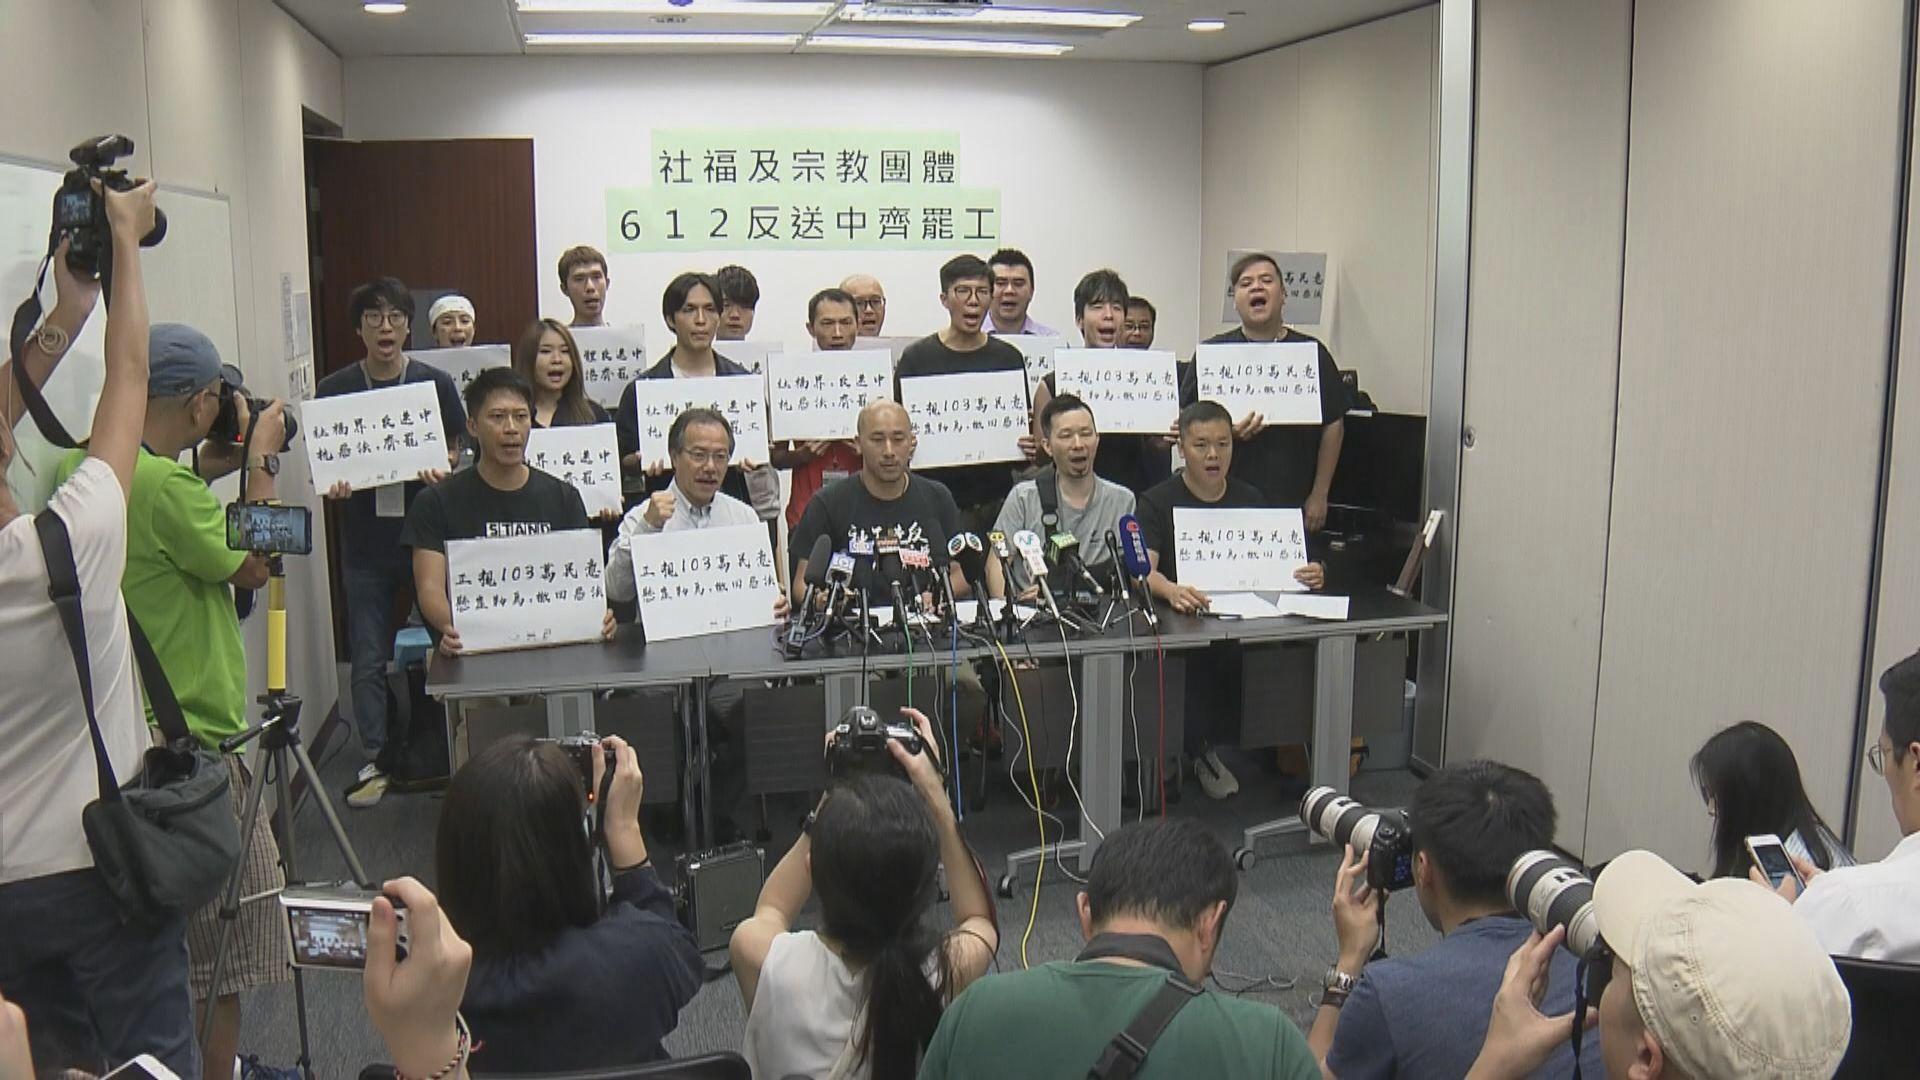 有社福及宗教團體周三罷工反修例